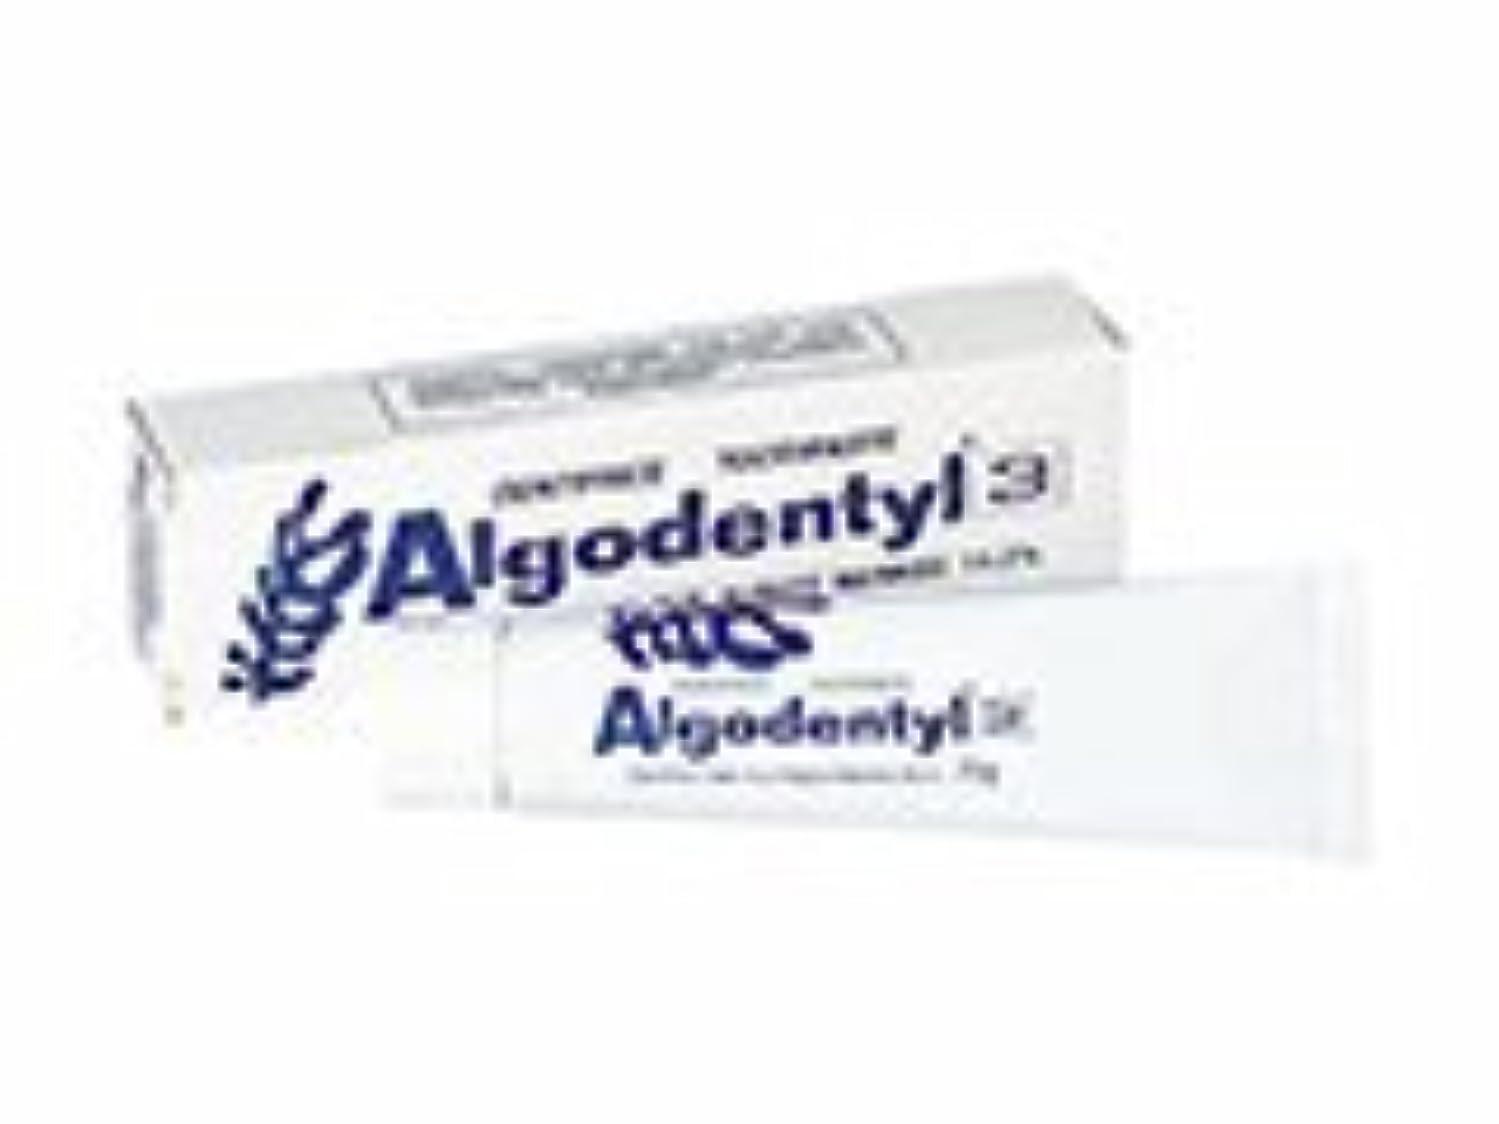 バインド許す要旨ミキ アルゴデンティル3 薬用歯磨き 75g x 6本セット